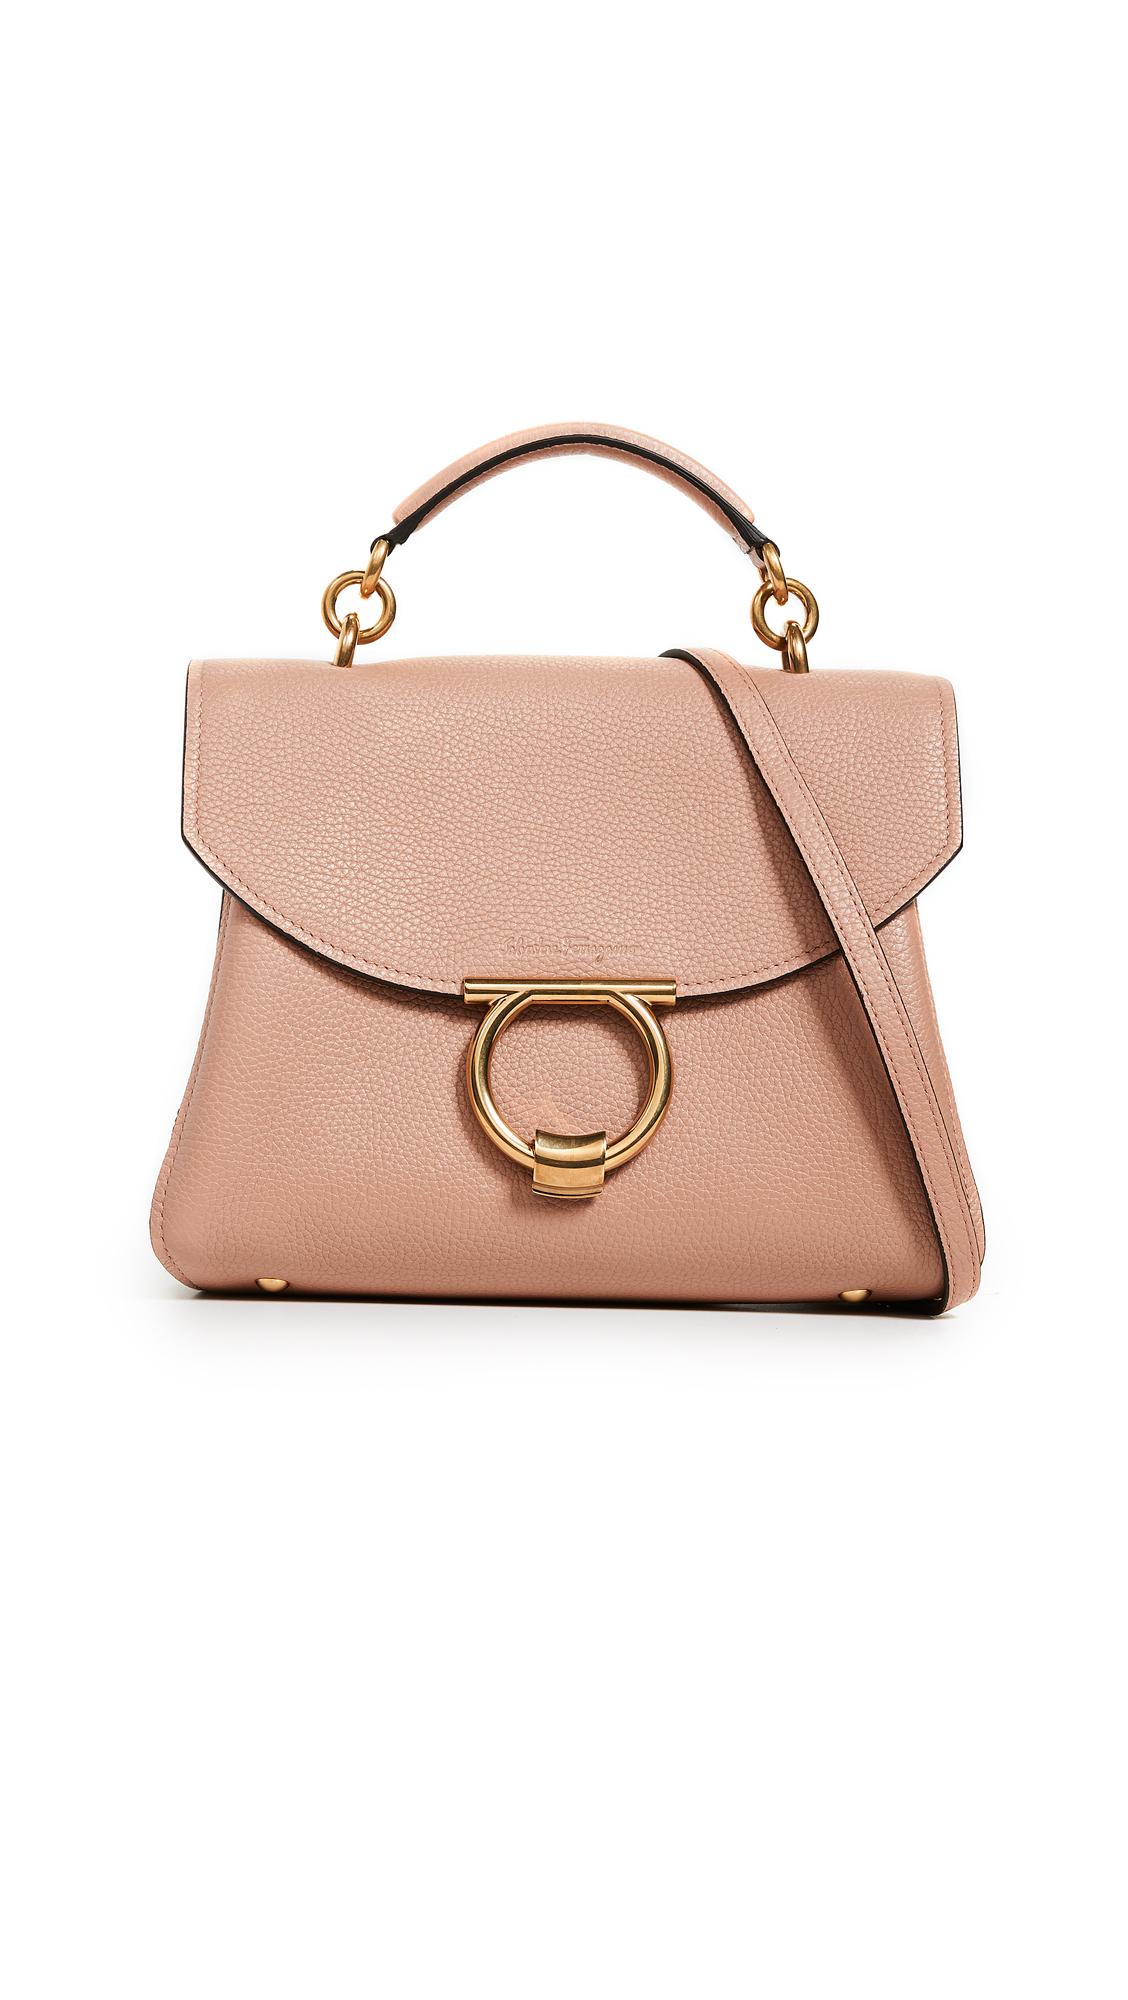 Salvatore Ferragamo Gancino Vela Soft Margot Small Bag - New Blush